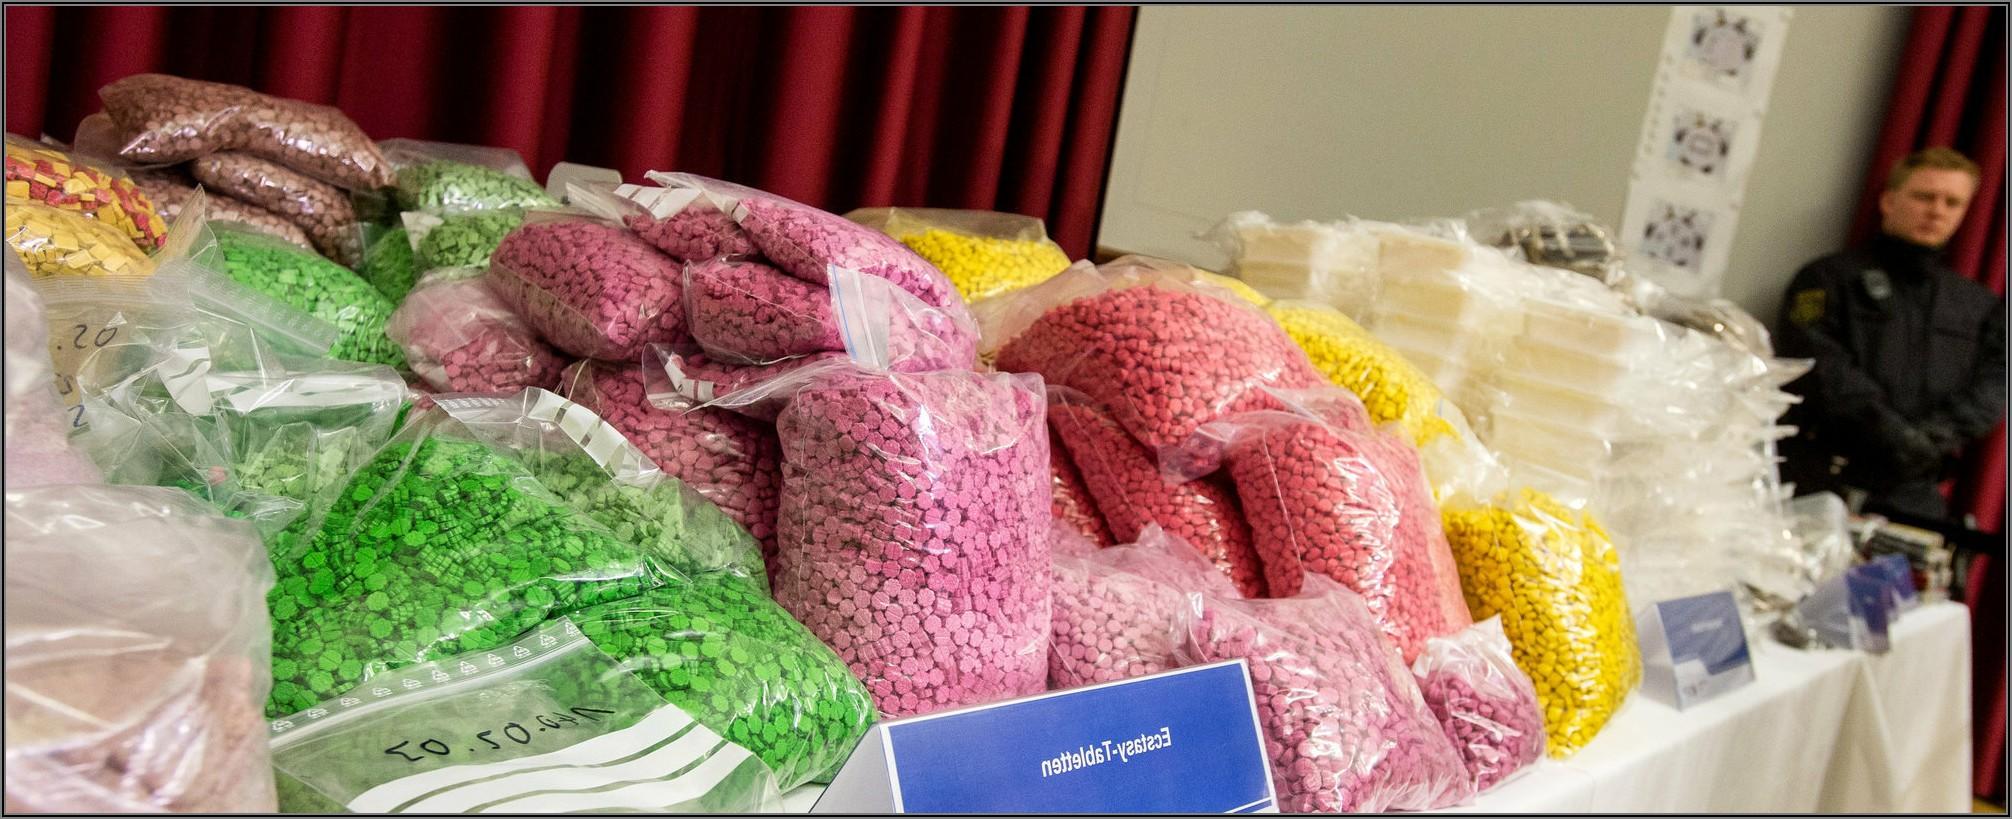 Leipziger Verkauft Drogen Aus Kinderzimmer